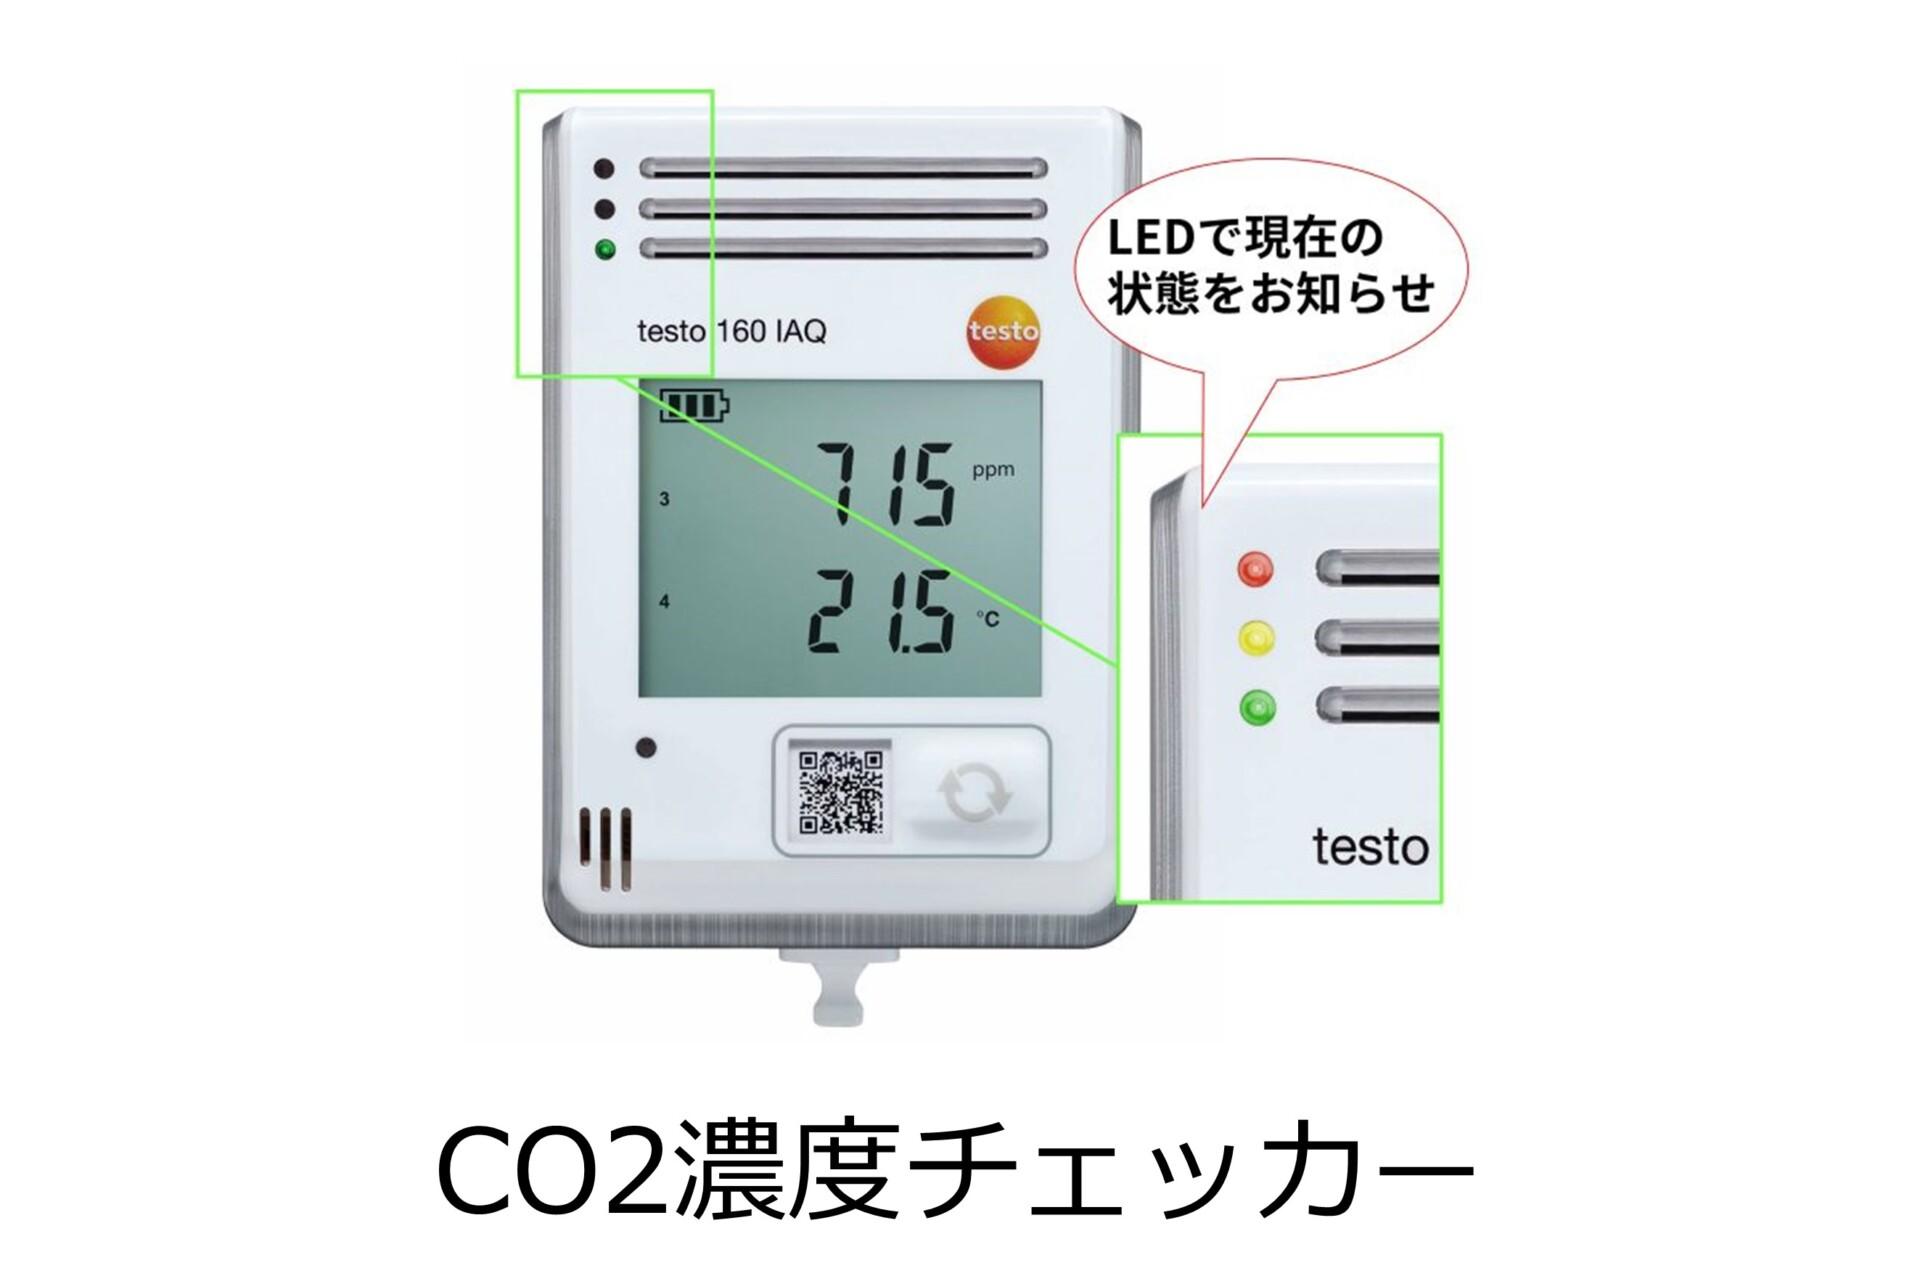 CO2濃度